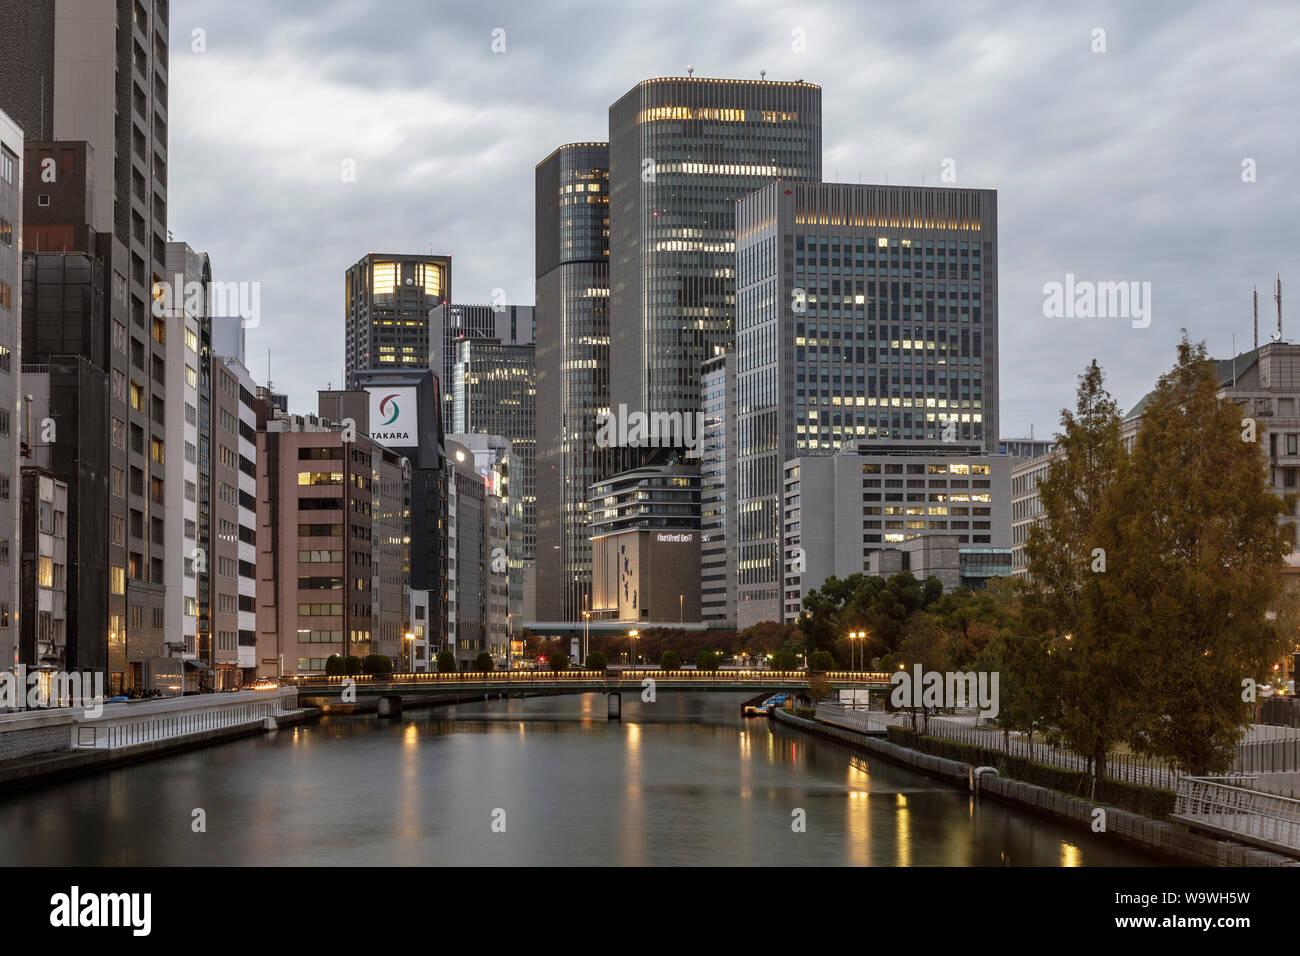 Les immeubles de grande hauteur donnant sur la rivière O à Osaka, Japon. Banque D'Images